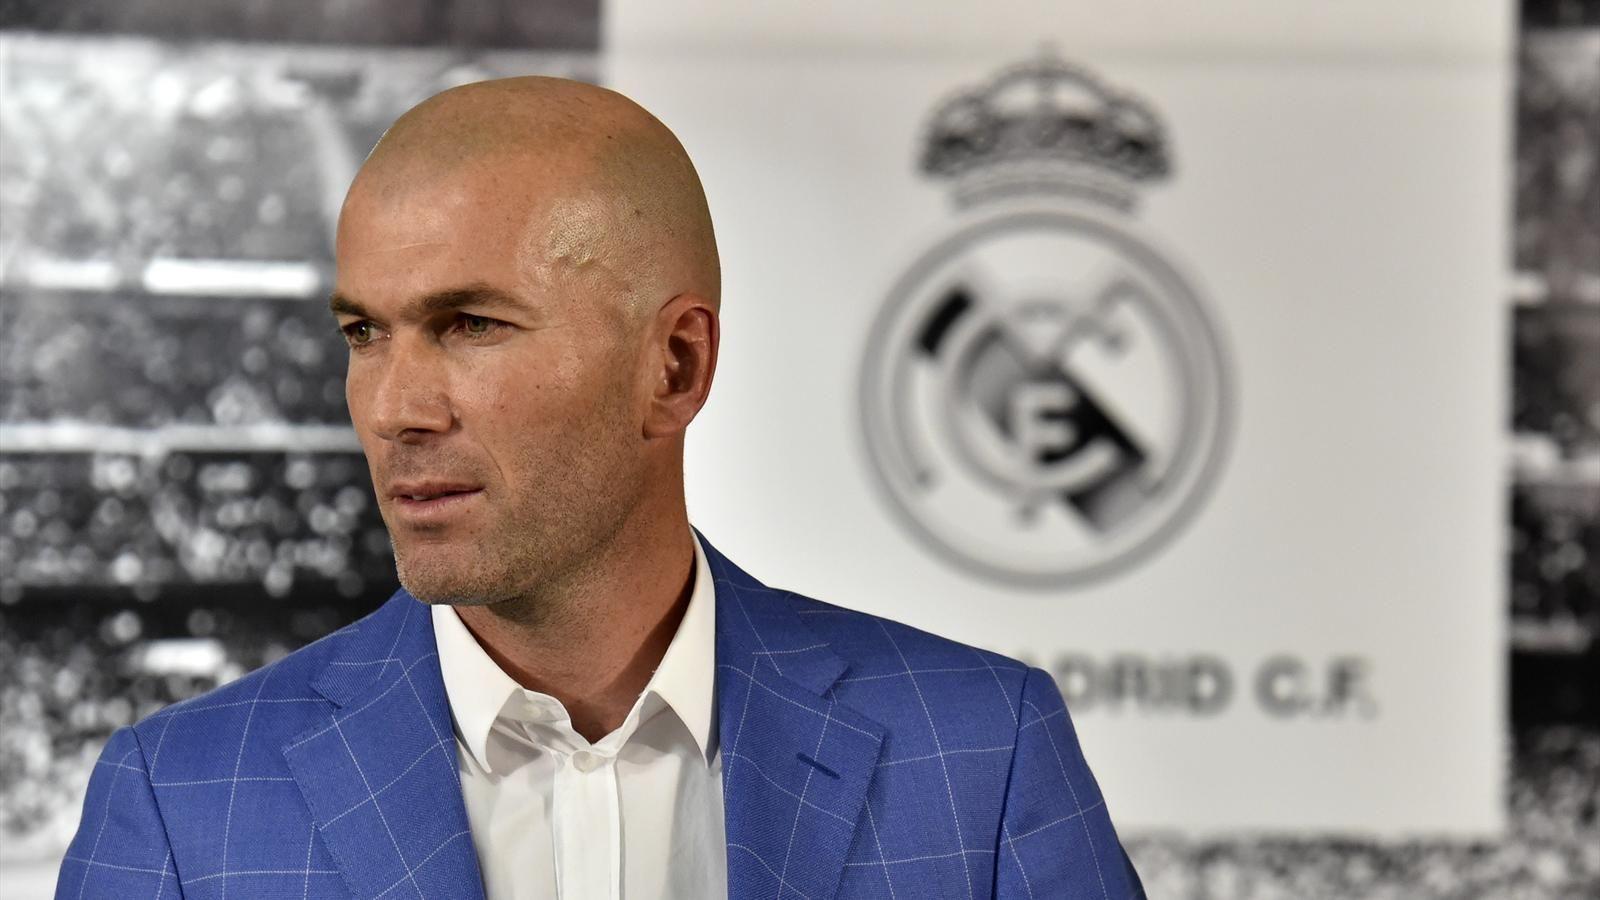 dernières infos Algerie:Le grand challenge de Zidane